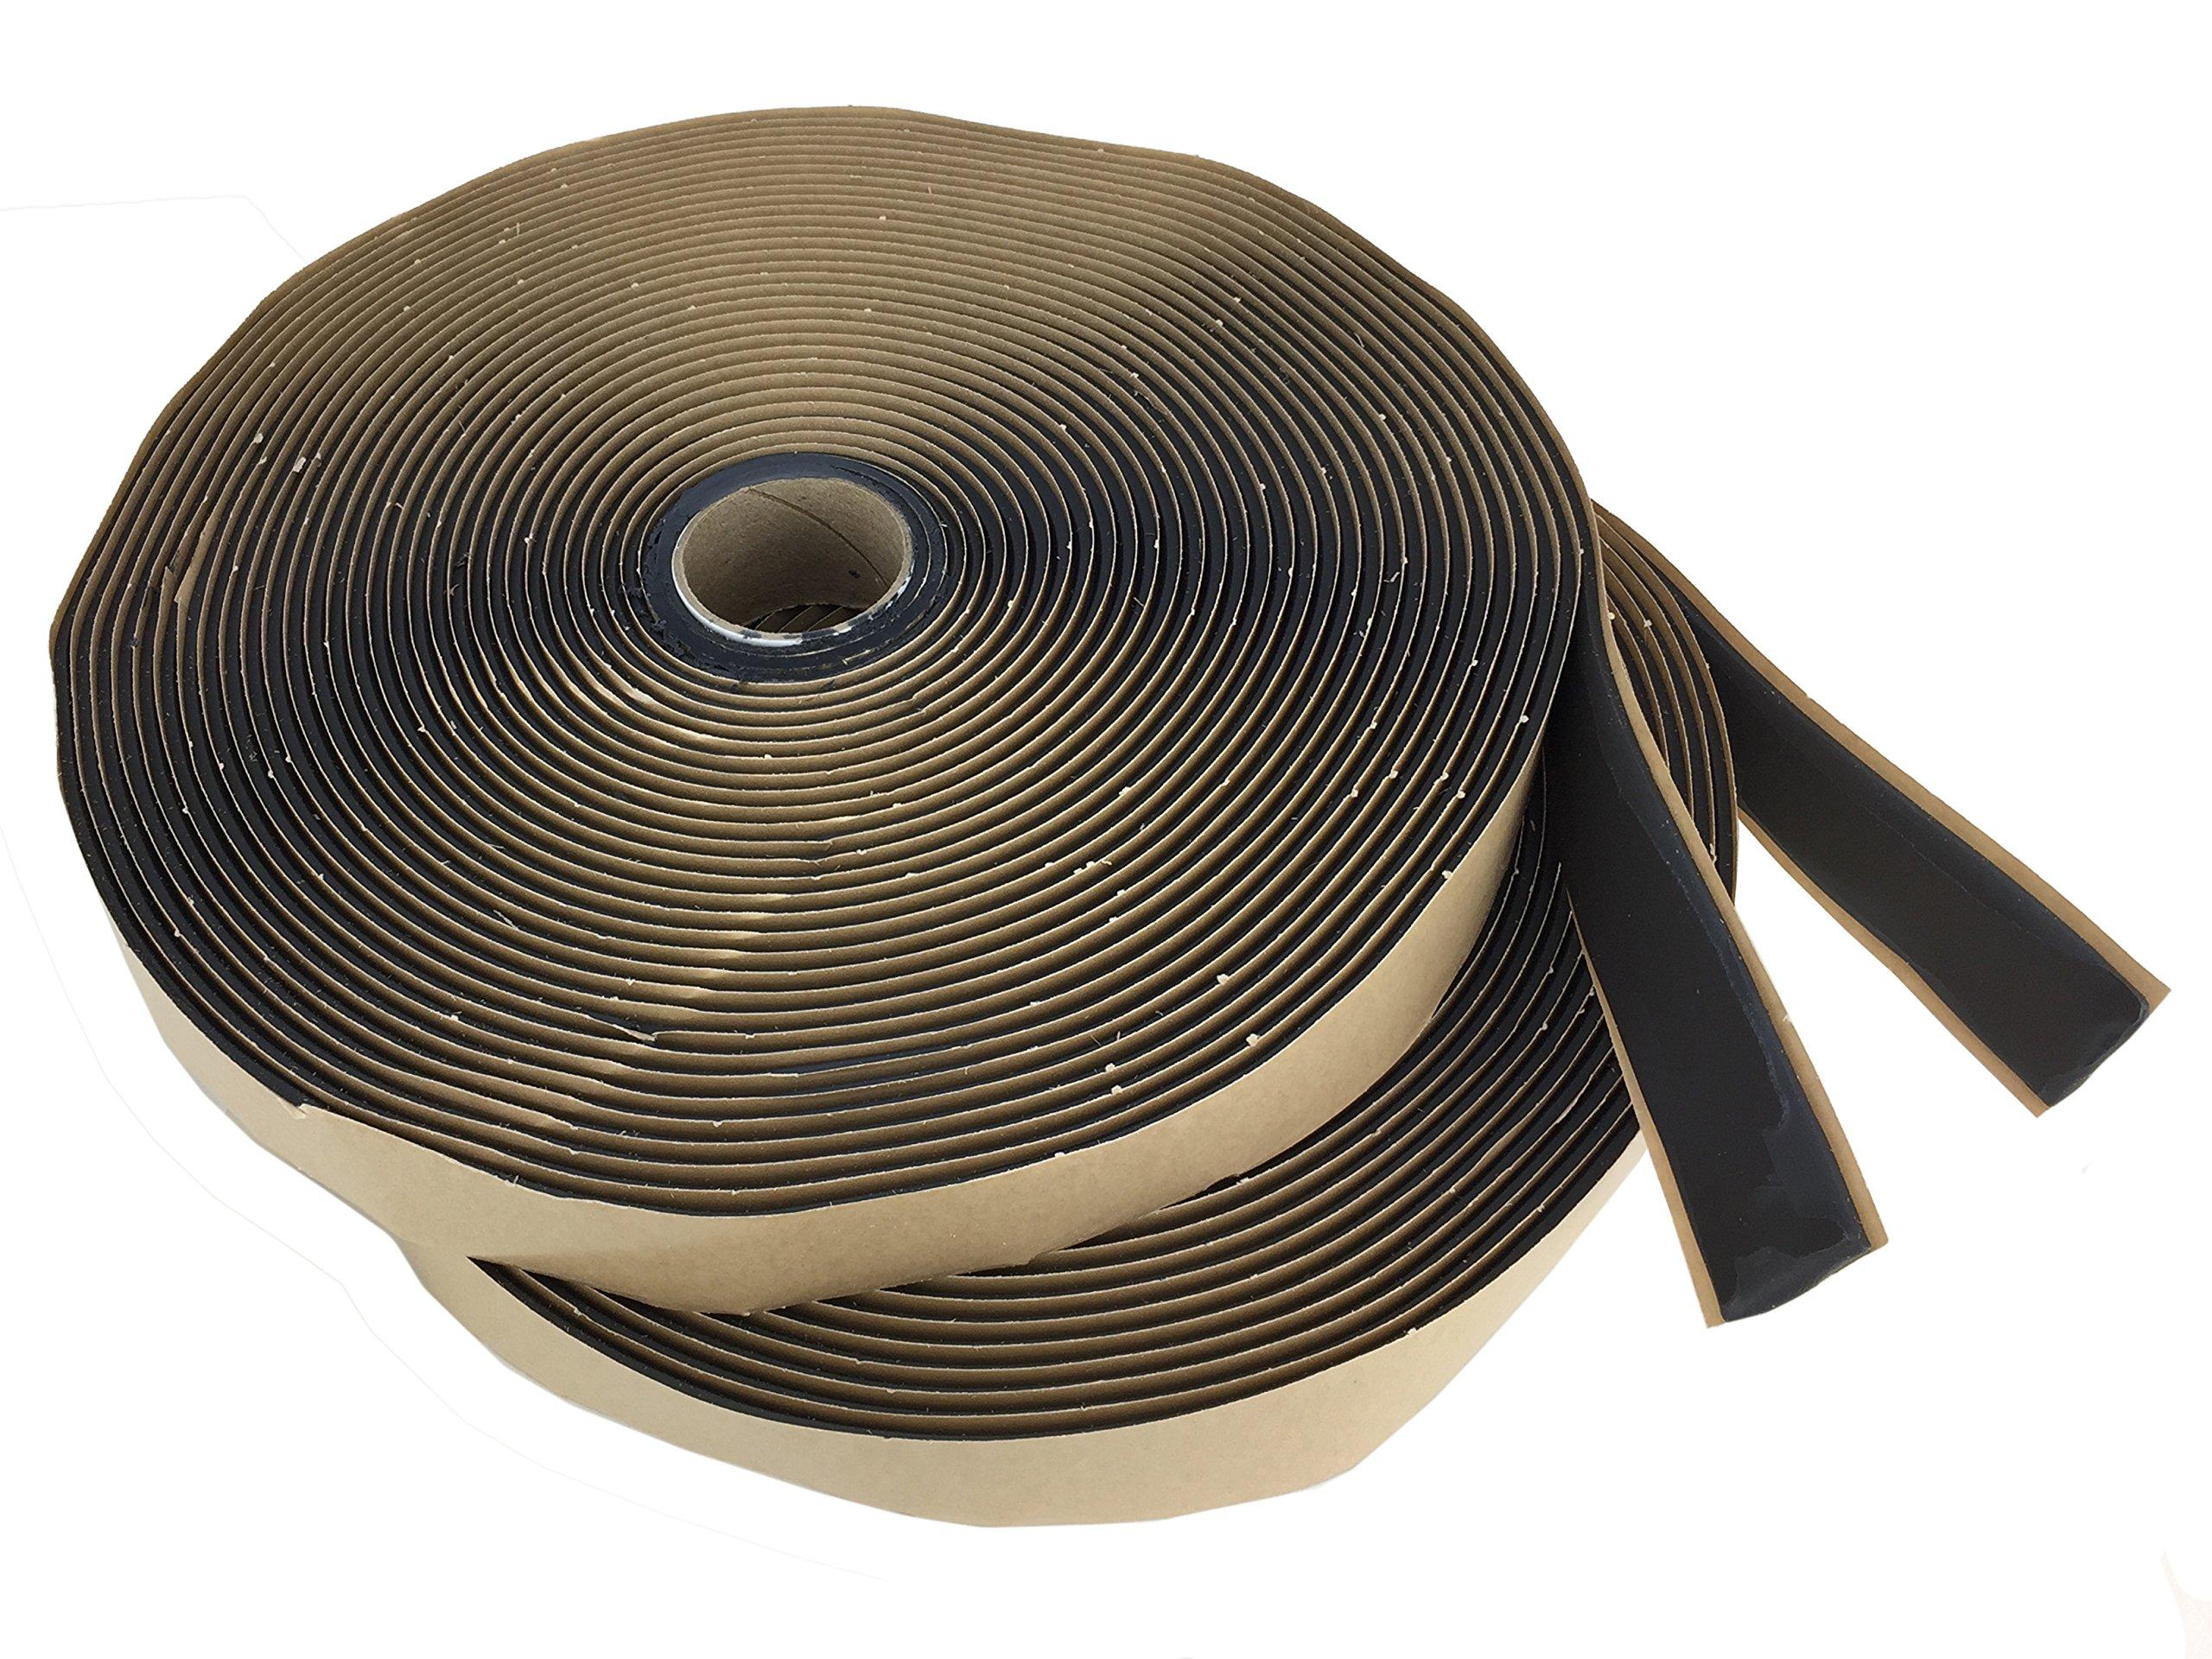 GSSI Sealants Butyl Tape 1/8'' x 1'' x 100' (2 Rolls at 50') Black by GSSI Sealants